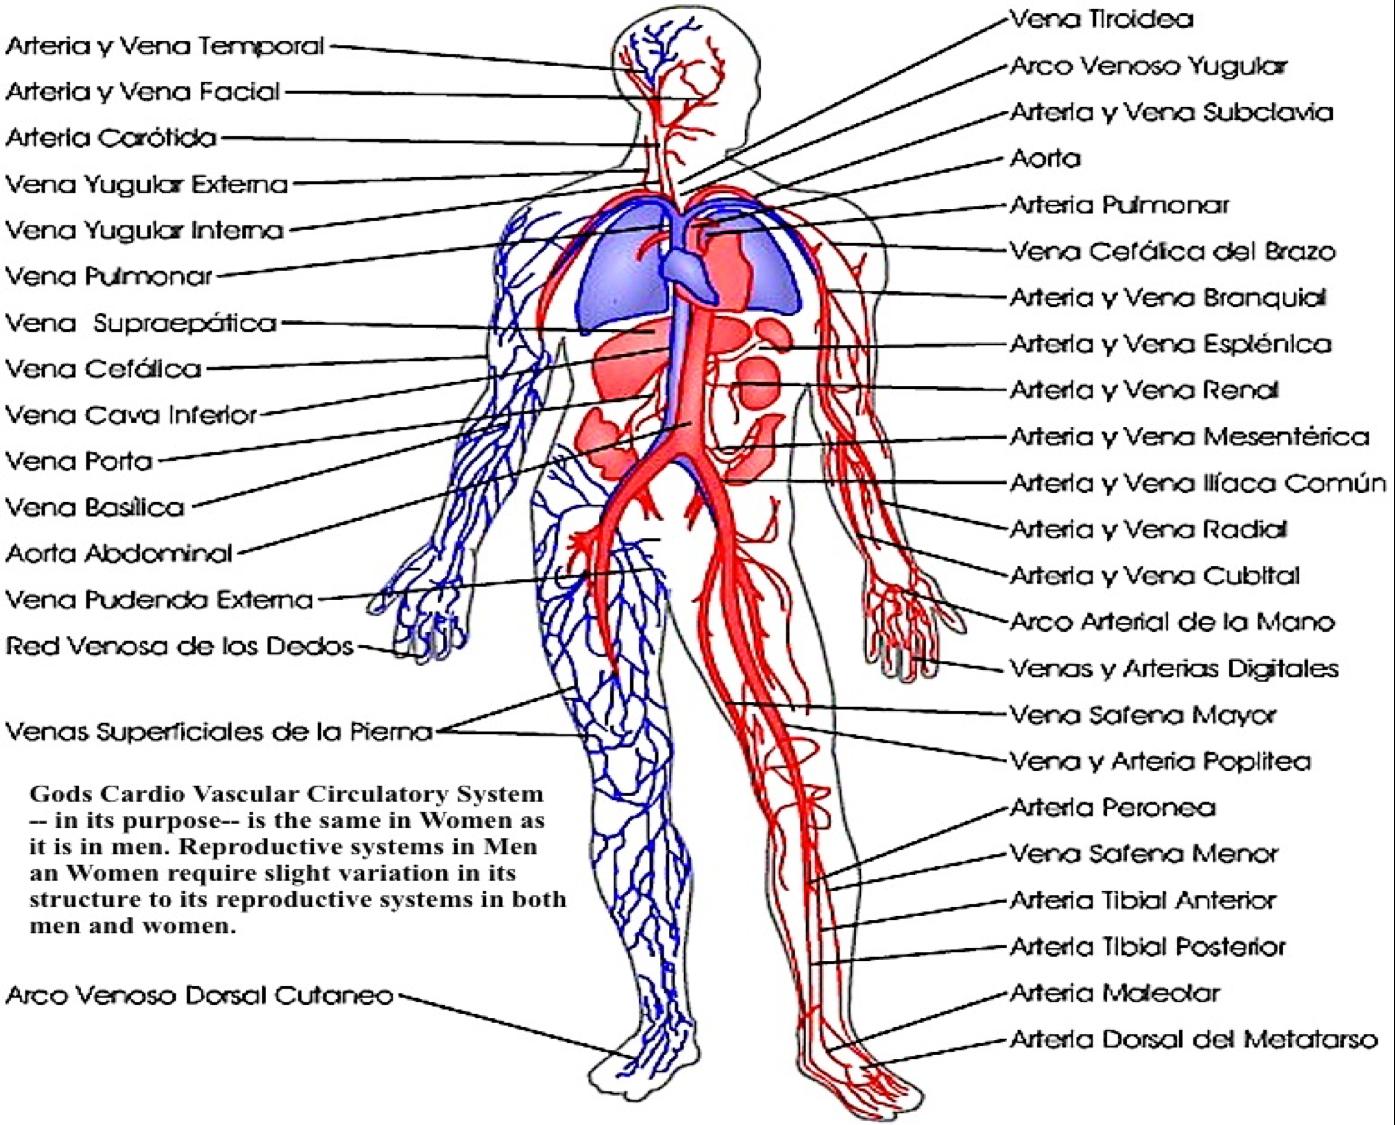 Anatomia Aplicada: Sistemas del cuerpo humano 2